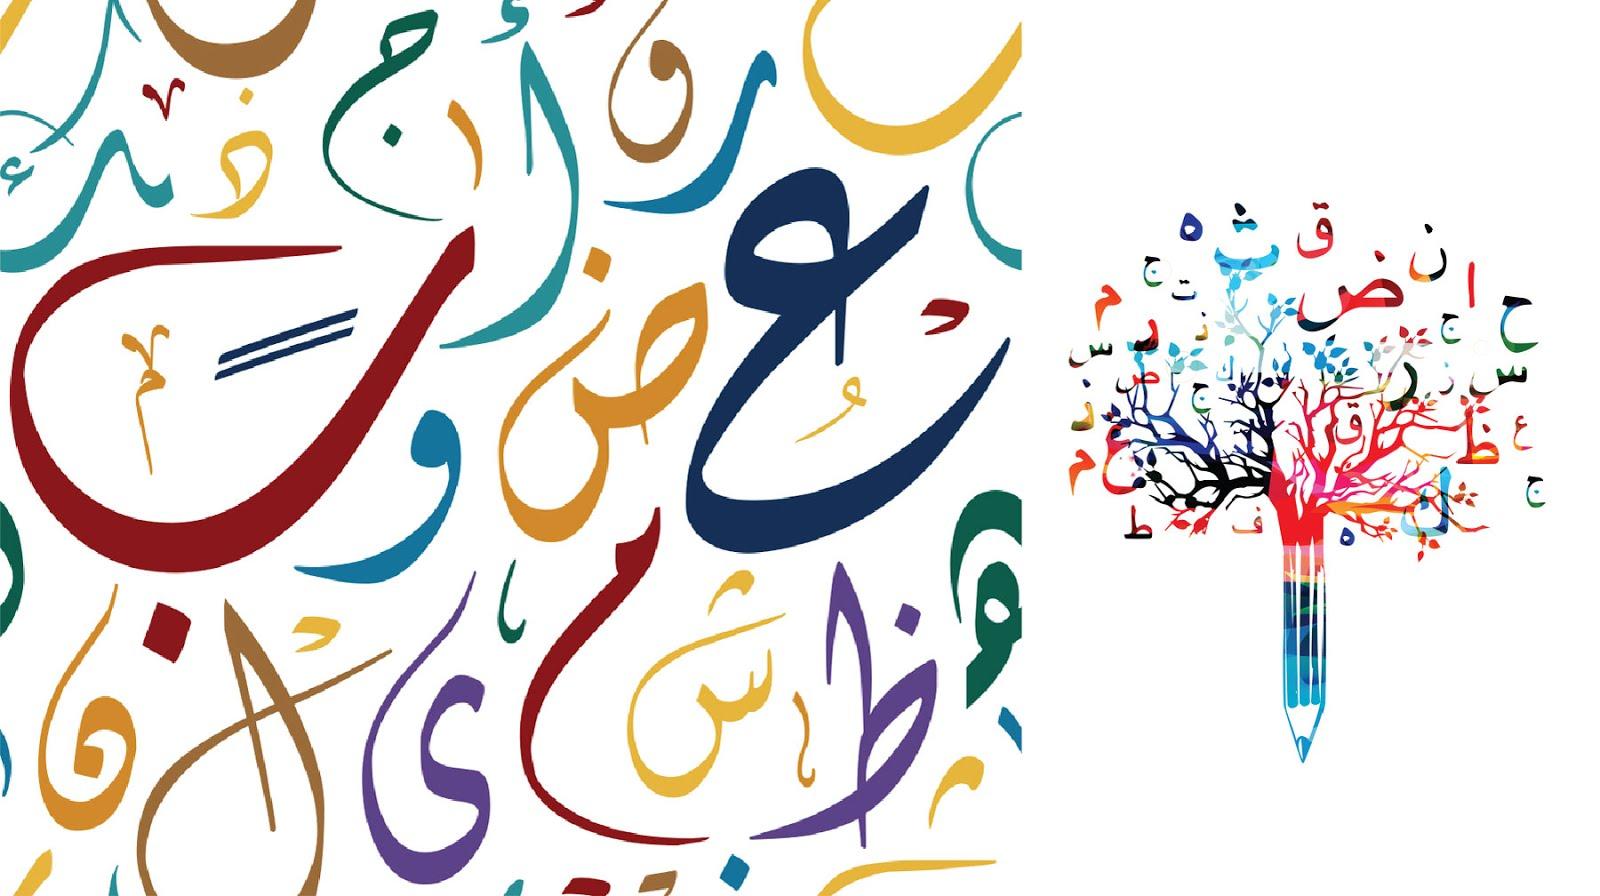 تحميل كتاب اللغه العربيه المنهج الجديد للصف العاشر pdf .